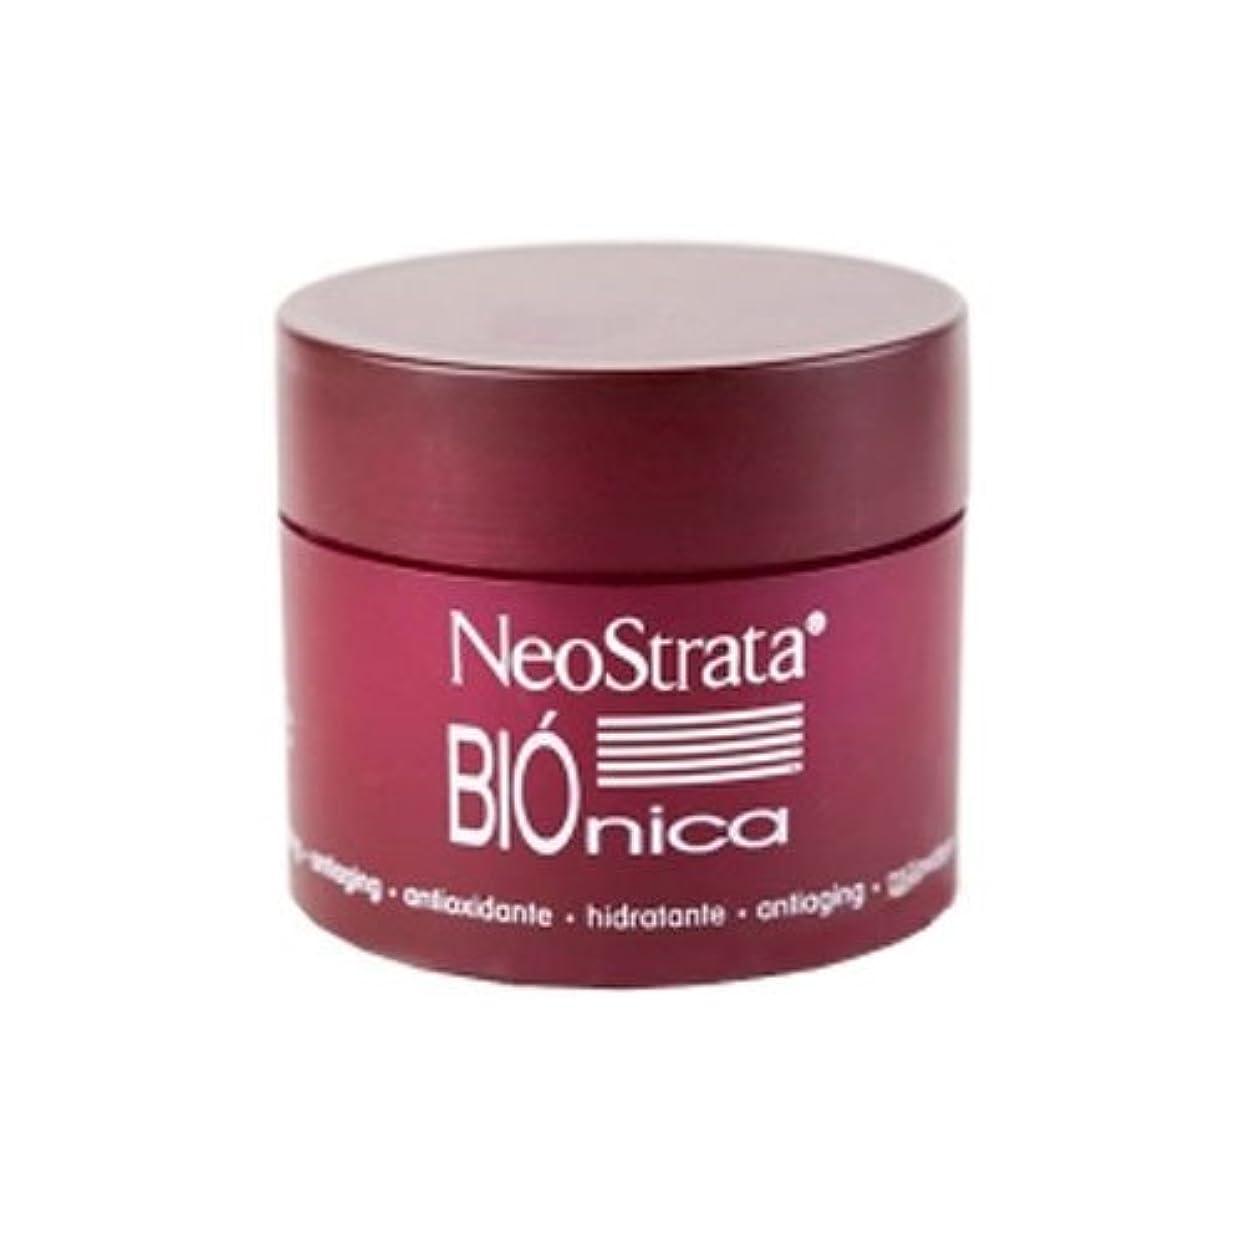 抜本的な続けるかりてNeostrata Bionica Cream 50ml [並行輸入品]